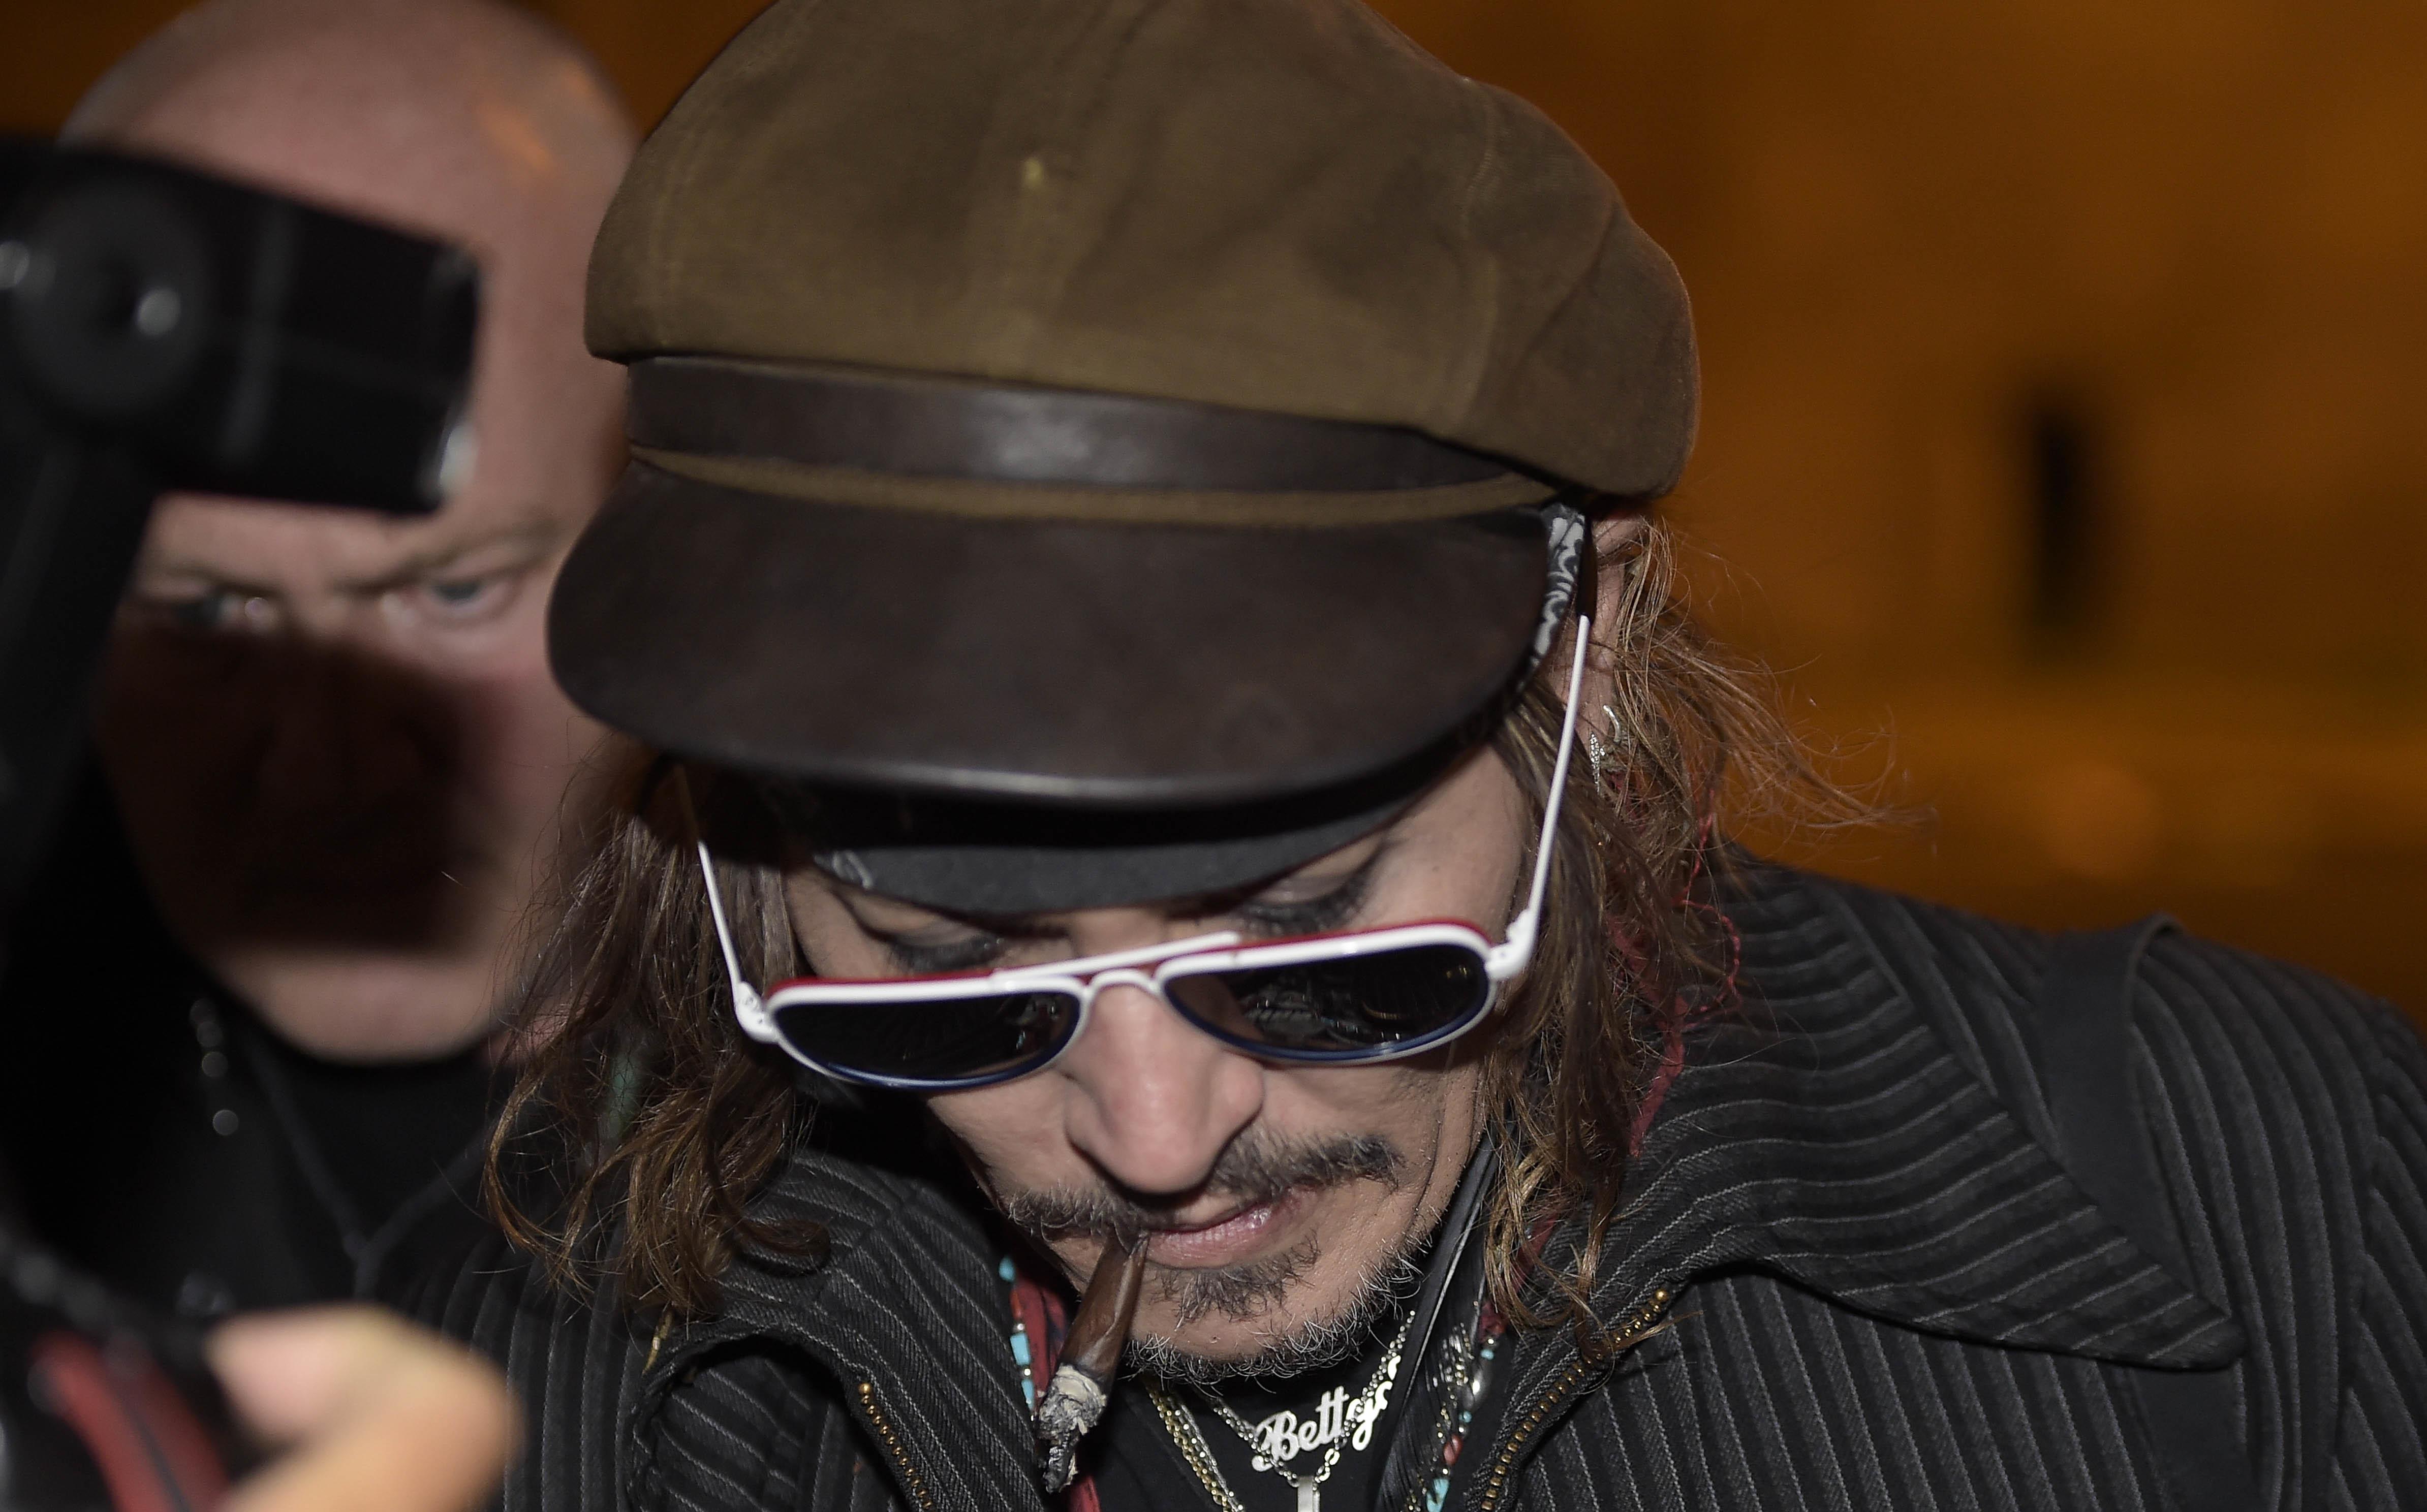 Johnny Depp a de nouveaux ennuis: ivre, il aurait frappé et menacé quelqu'un sur le tournage d'un film